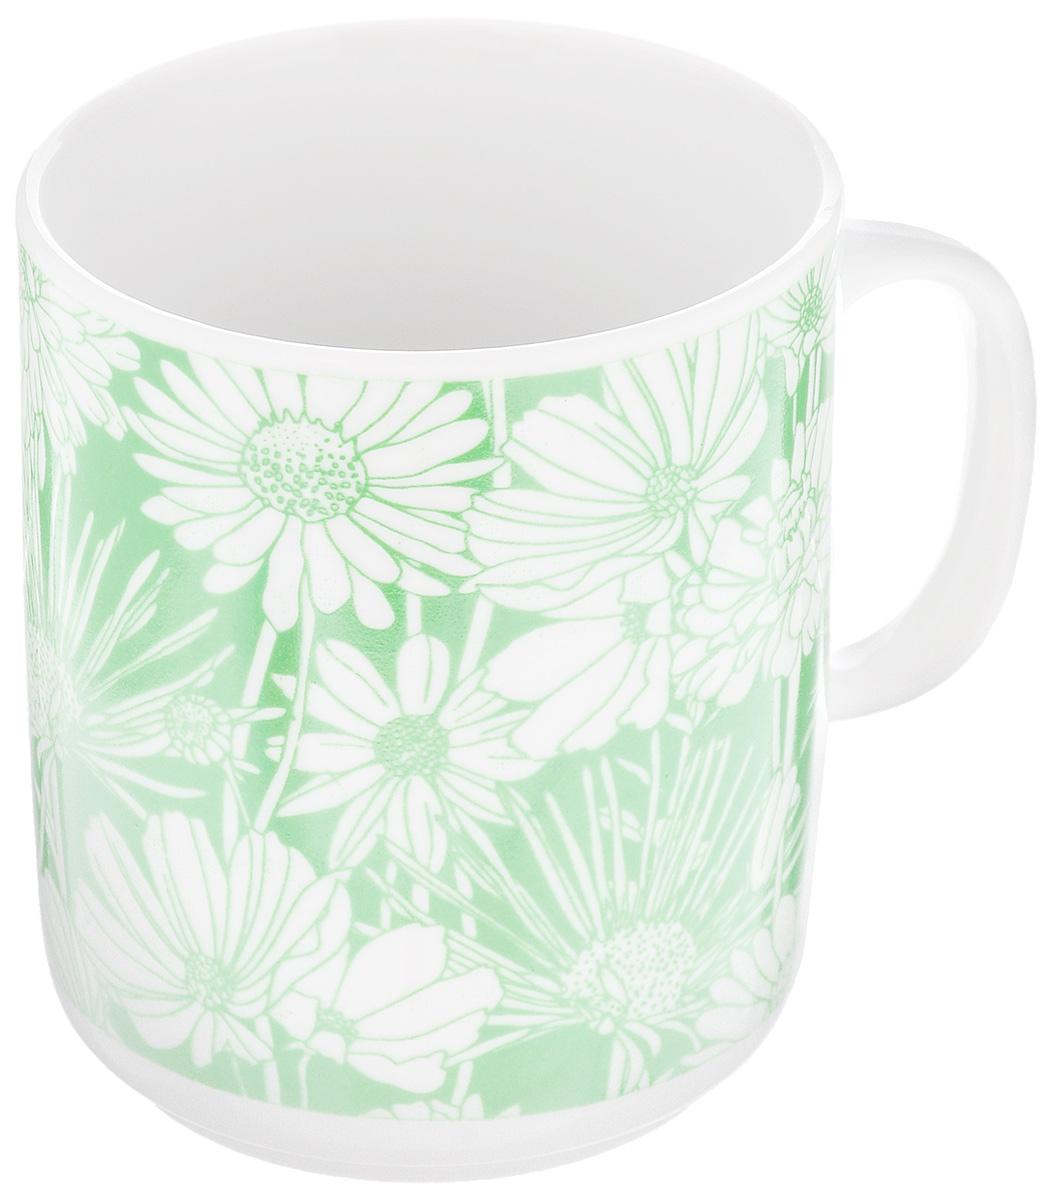 Кружка Фарфор Вербилок Цветочная поляна, цвет: белый, зеленый, 300 мл салатник фарфор вербилок 360 мл 6970000б